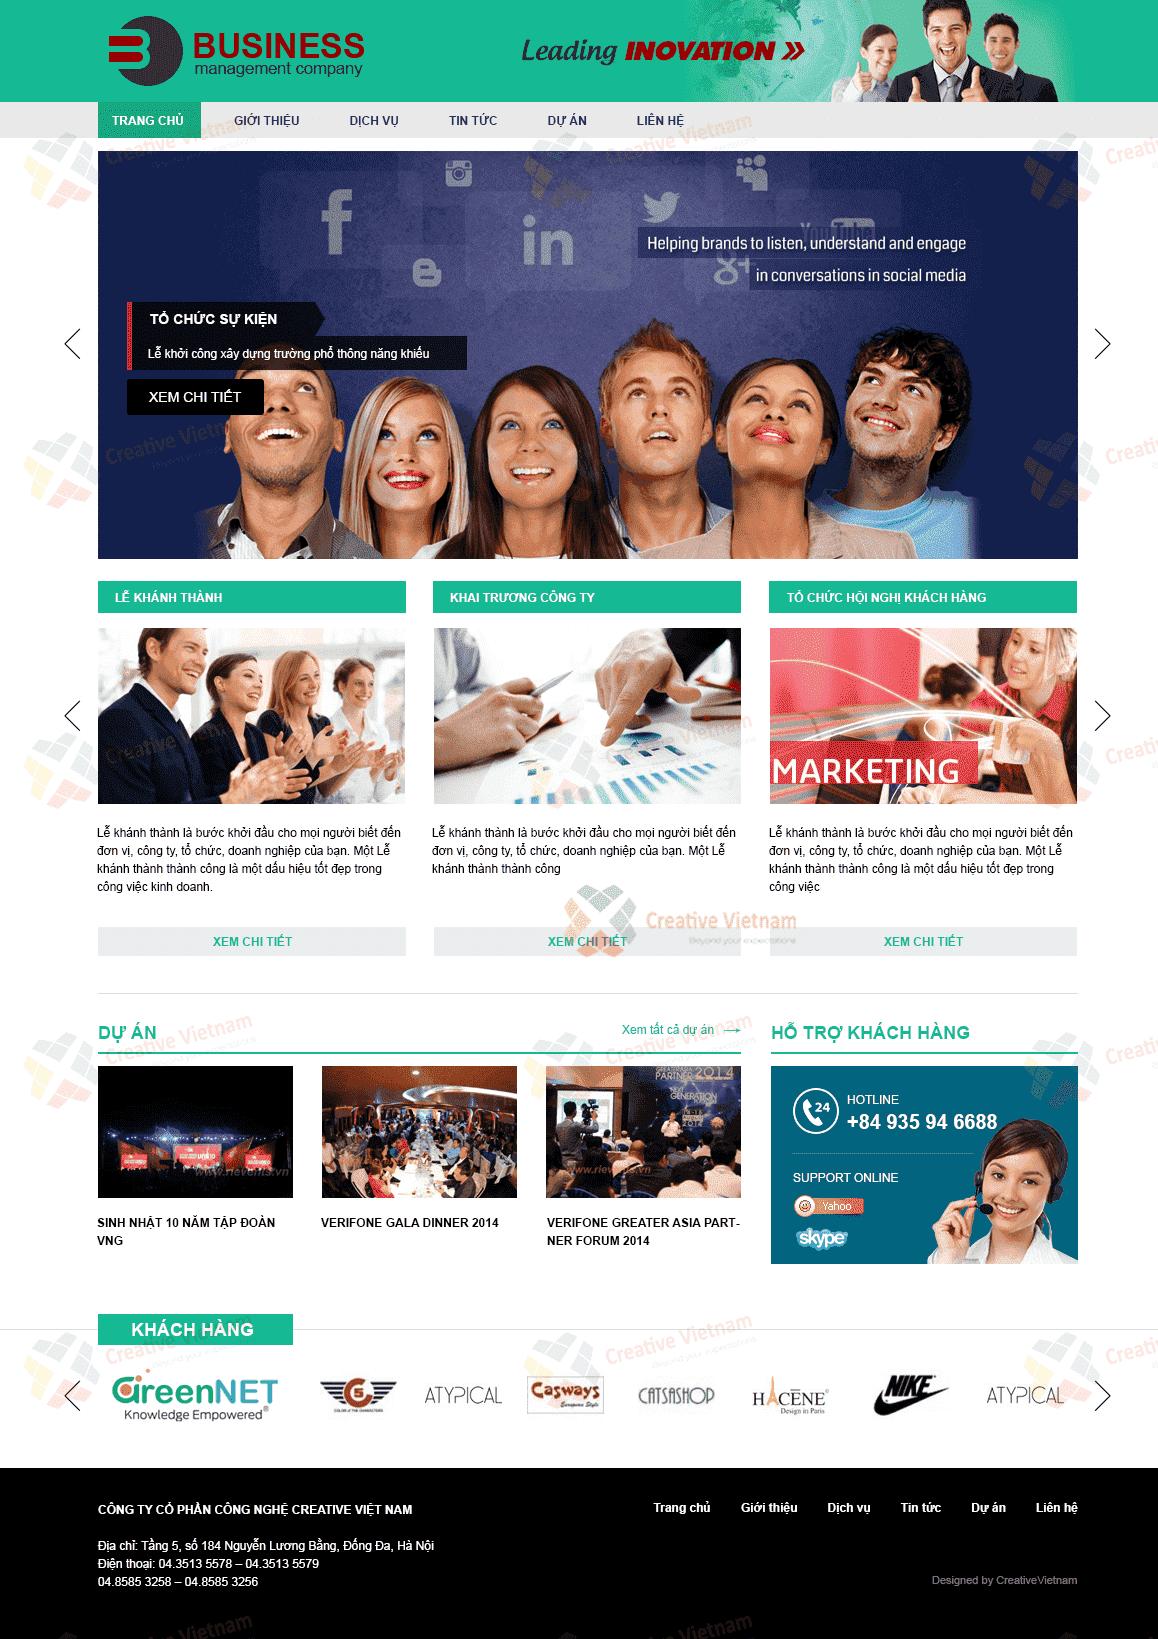 Thiết kế Website công ty Tổ chức sự kiện Business